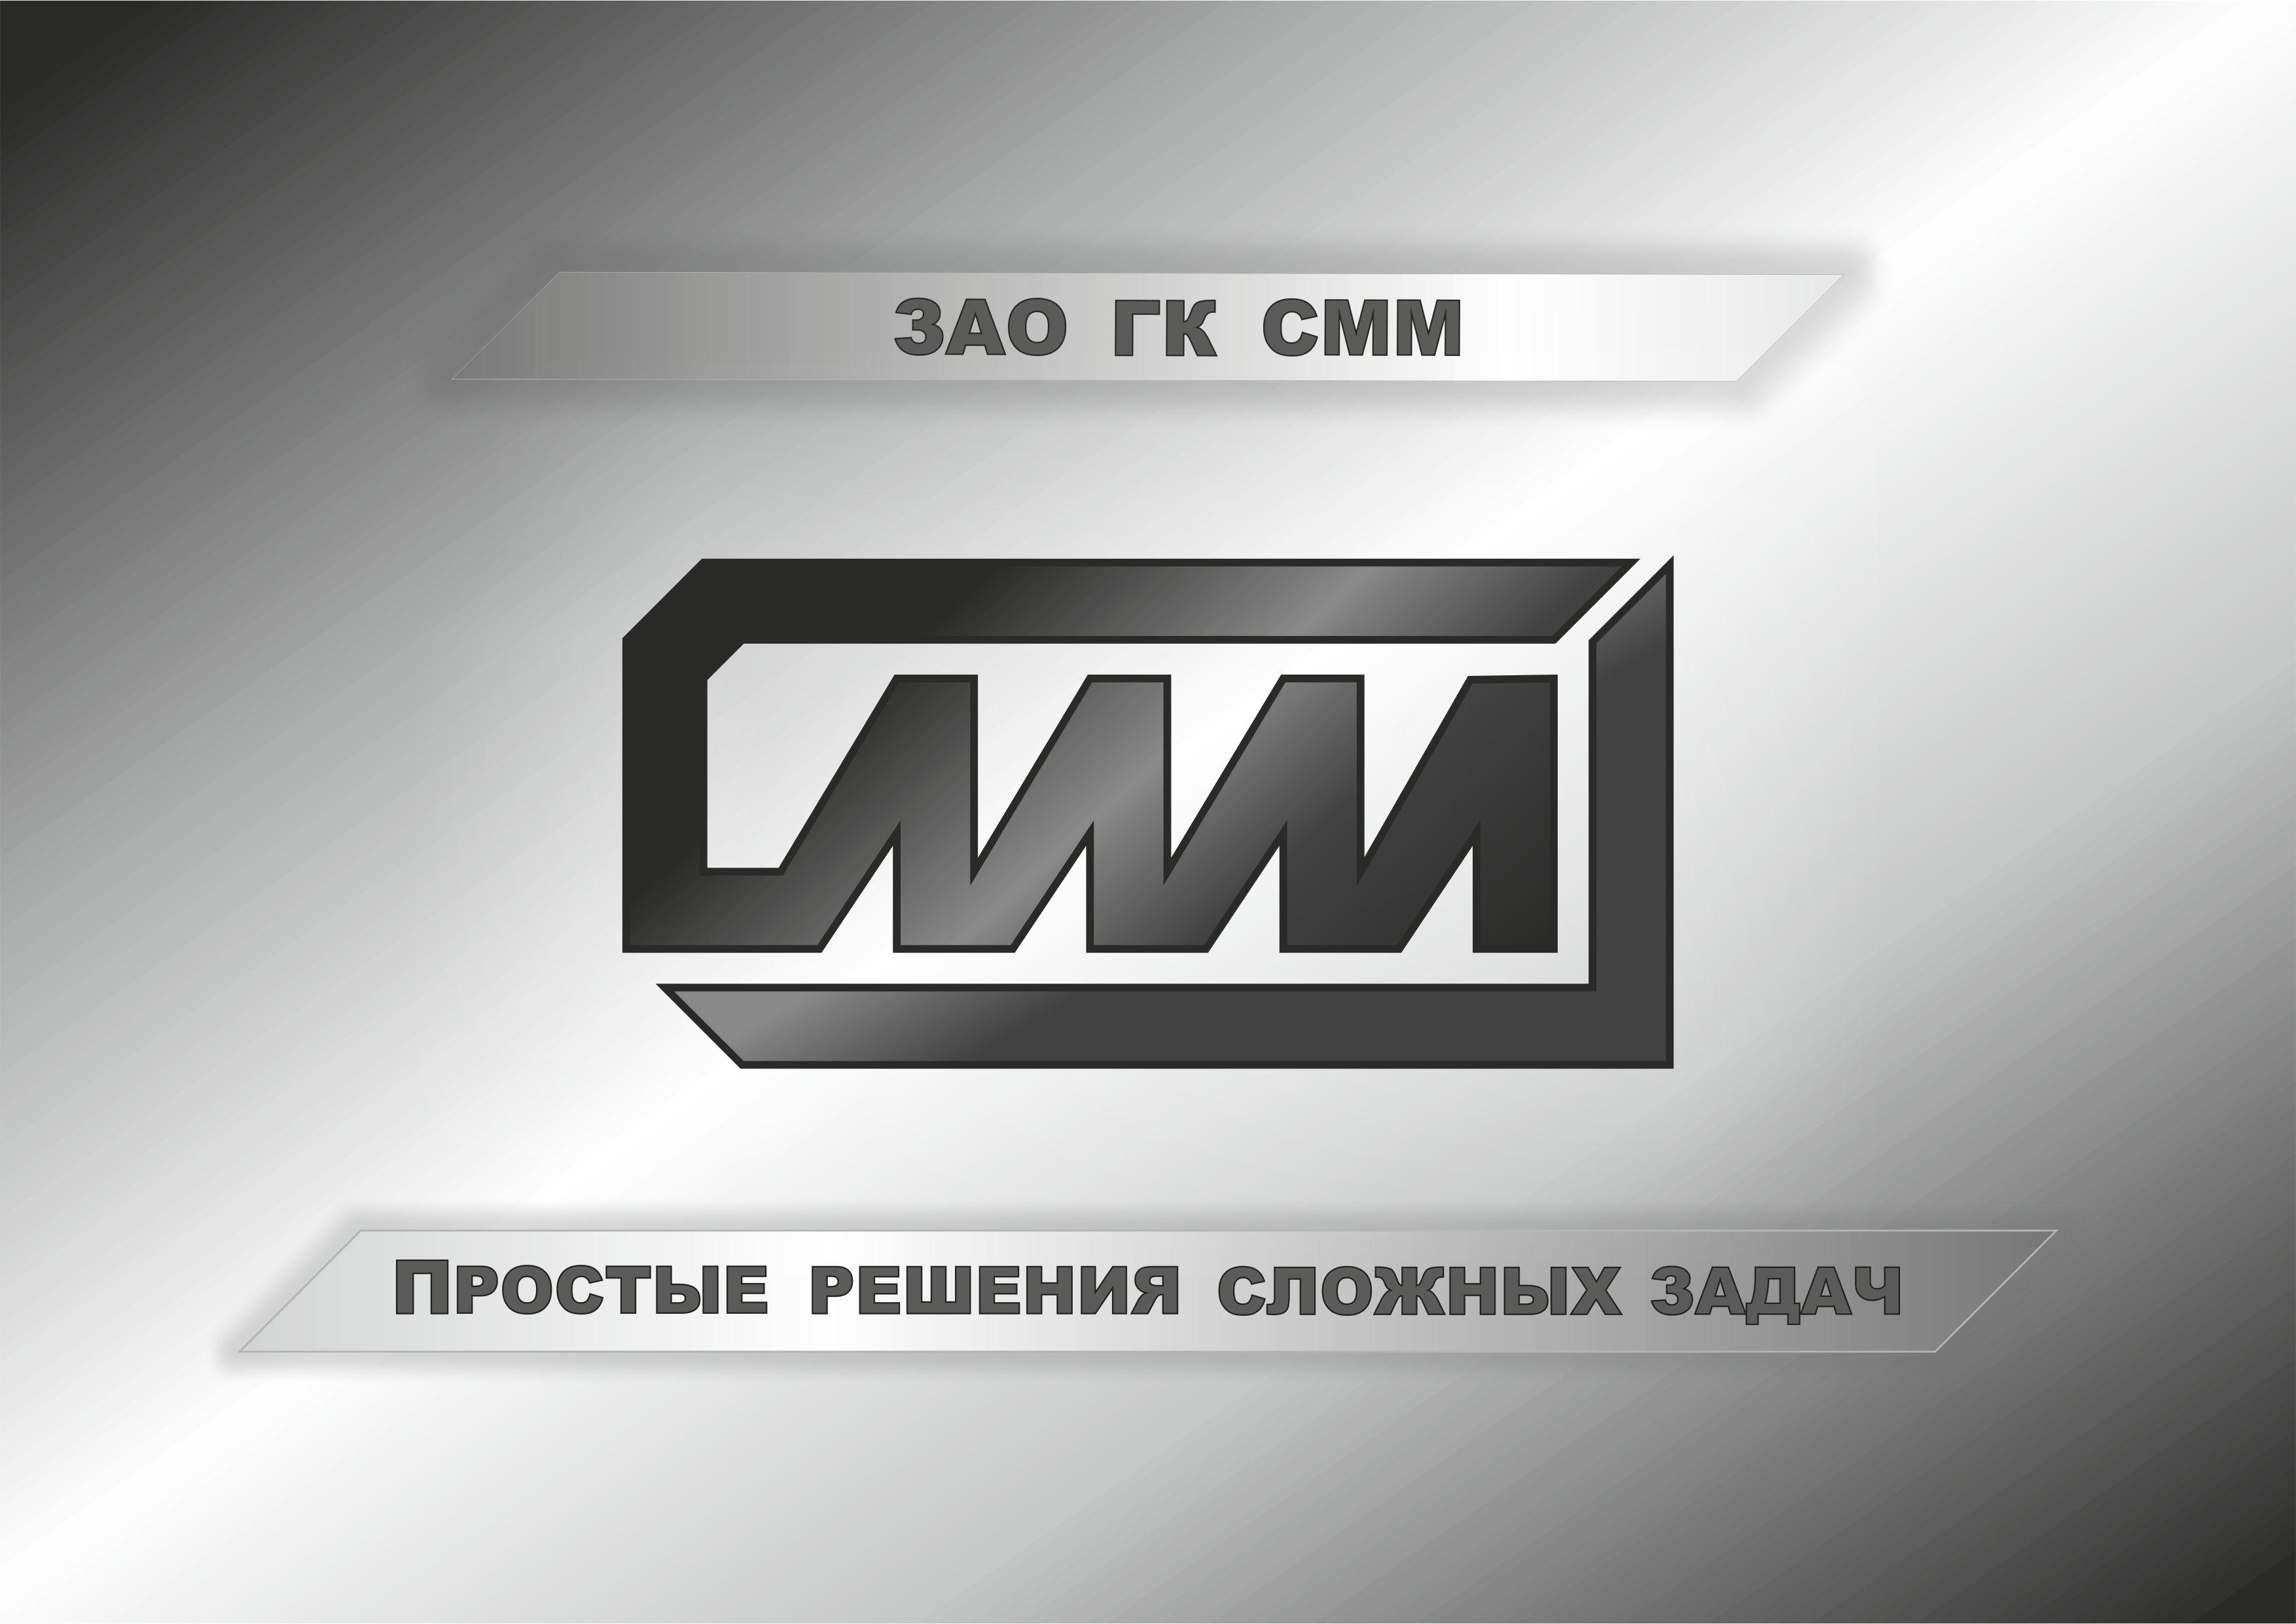 Логотип для металлургической компании - дизайнер IGOR-OK-26RUS